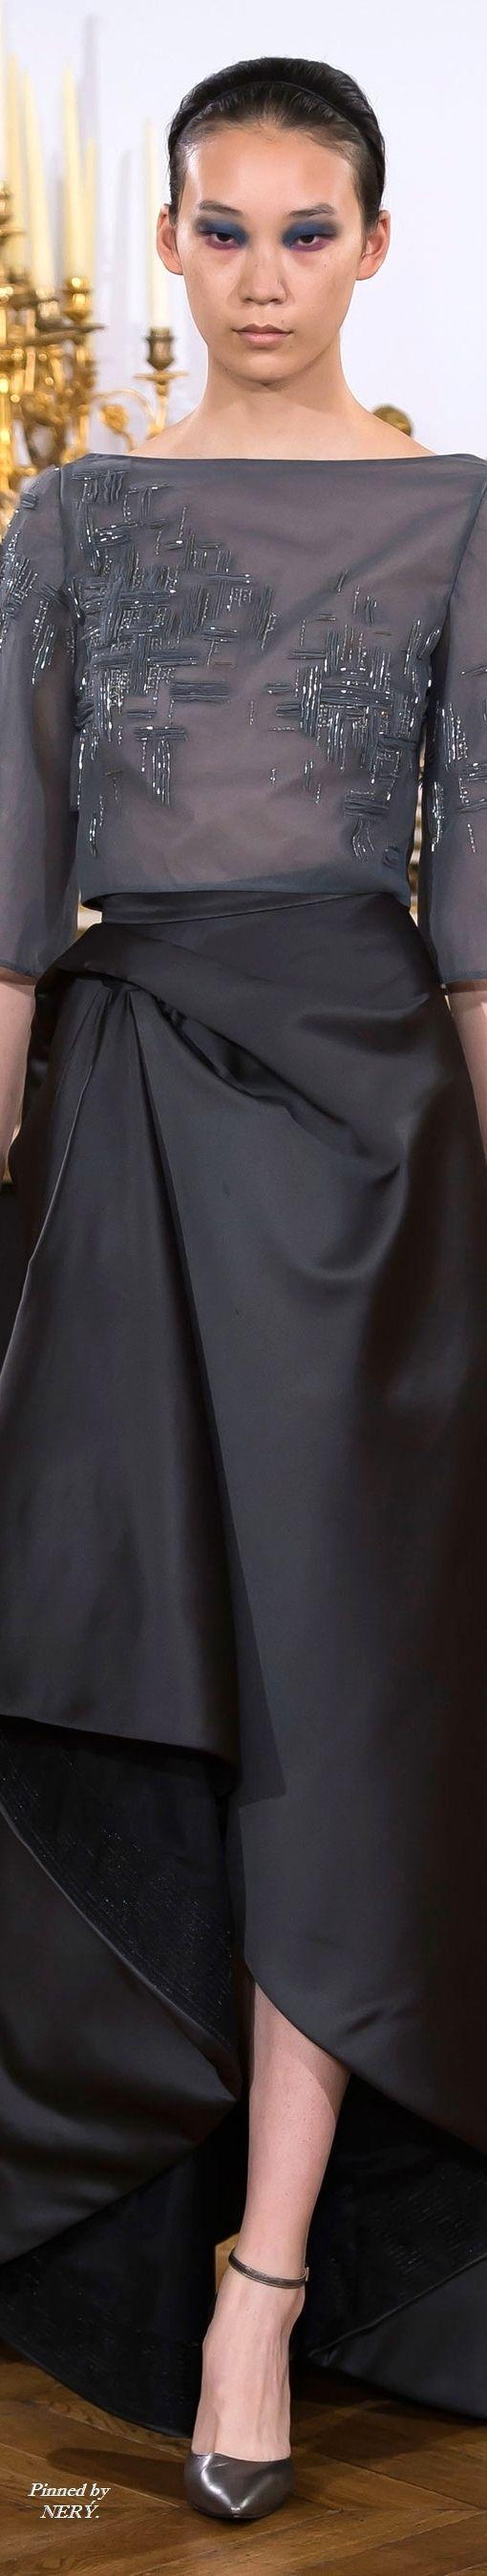 Rami al Ali Couture Fall-Winter 2016/2017